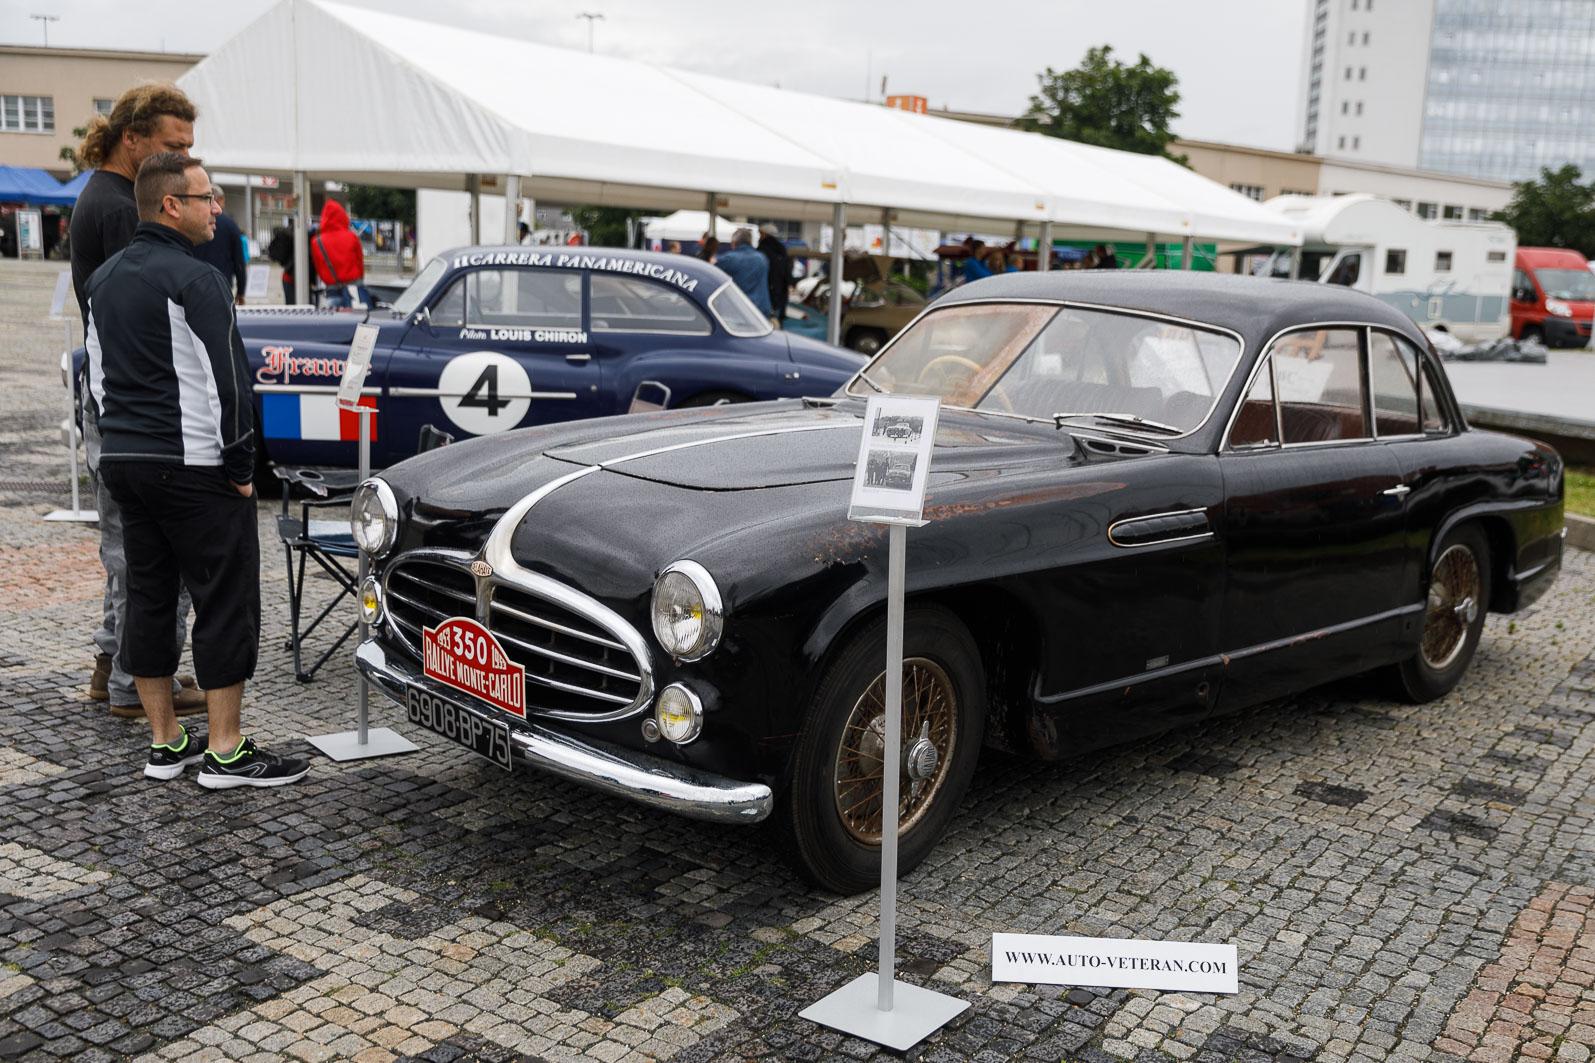 Na Revival Brno 2020 sa predviedol Talbot, ktorý zbiera svetové ocenenia 8r7N0c4S28 2-delahaye-175-2